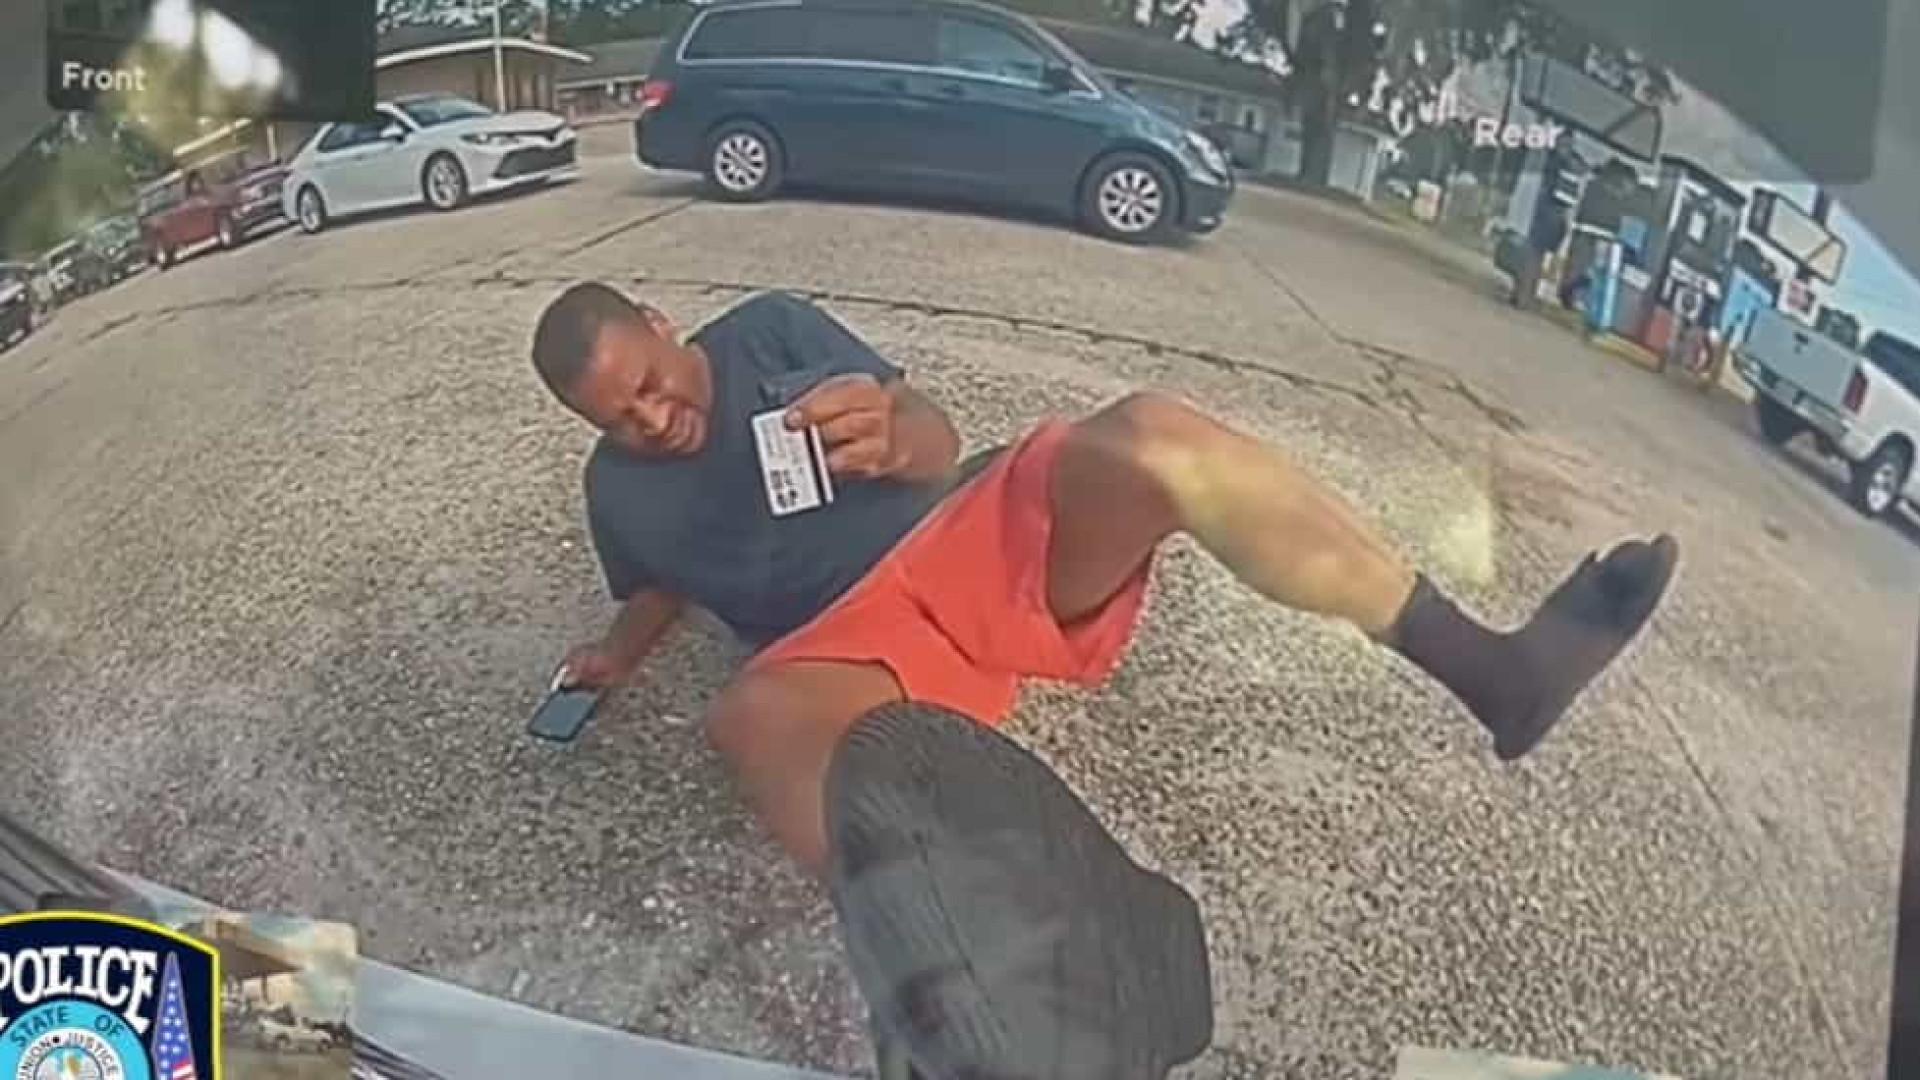 Câmeras provam que homem mentiu ao alegar ter sido atropelado por carro